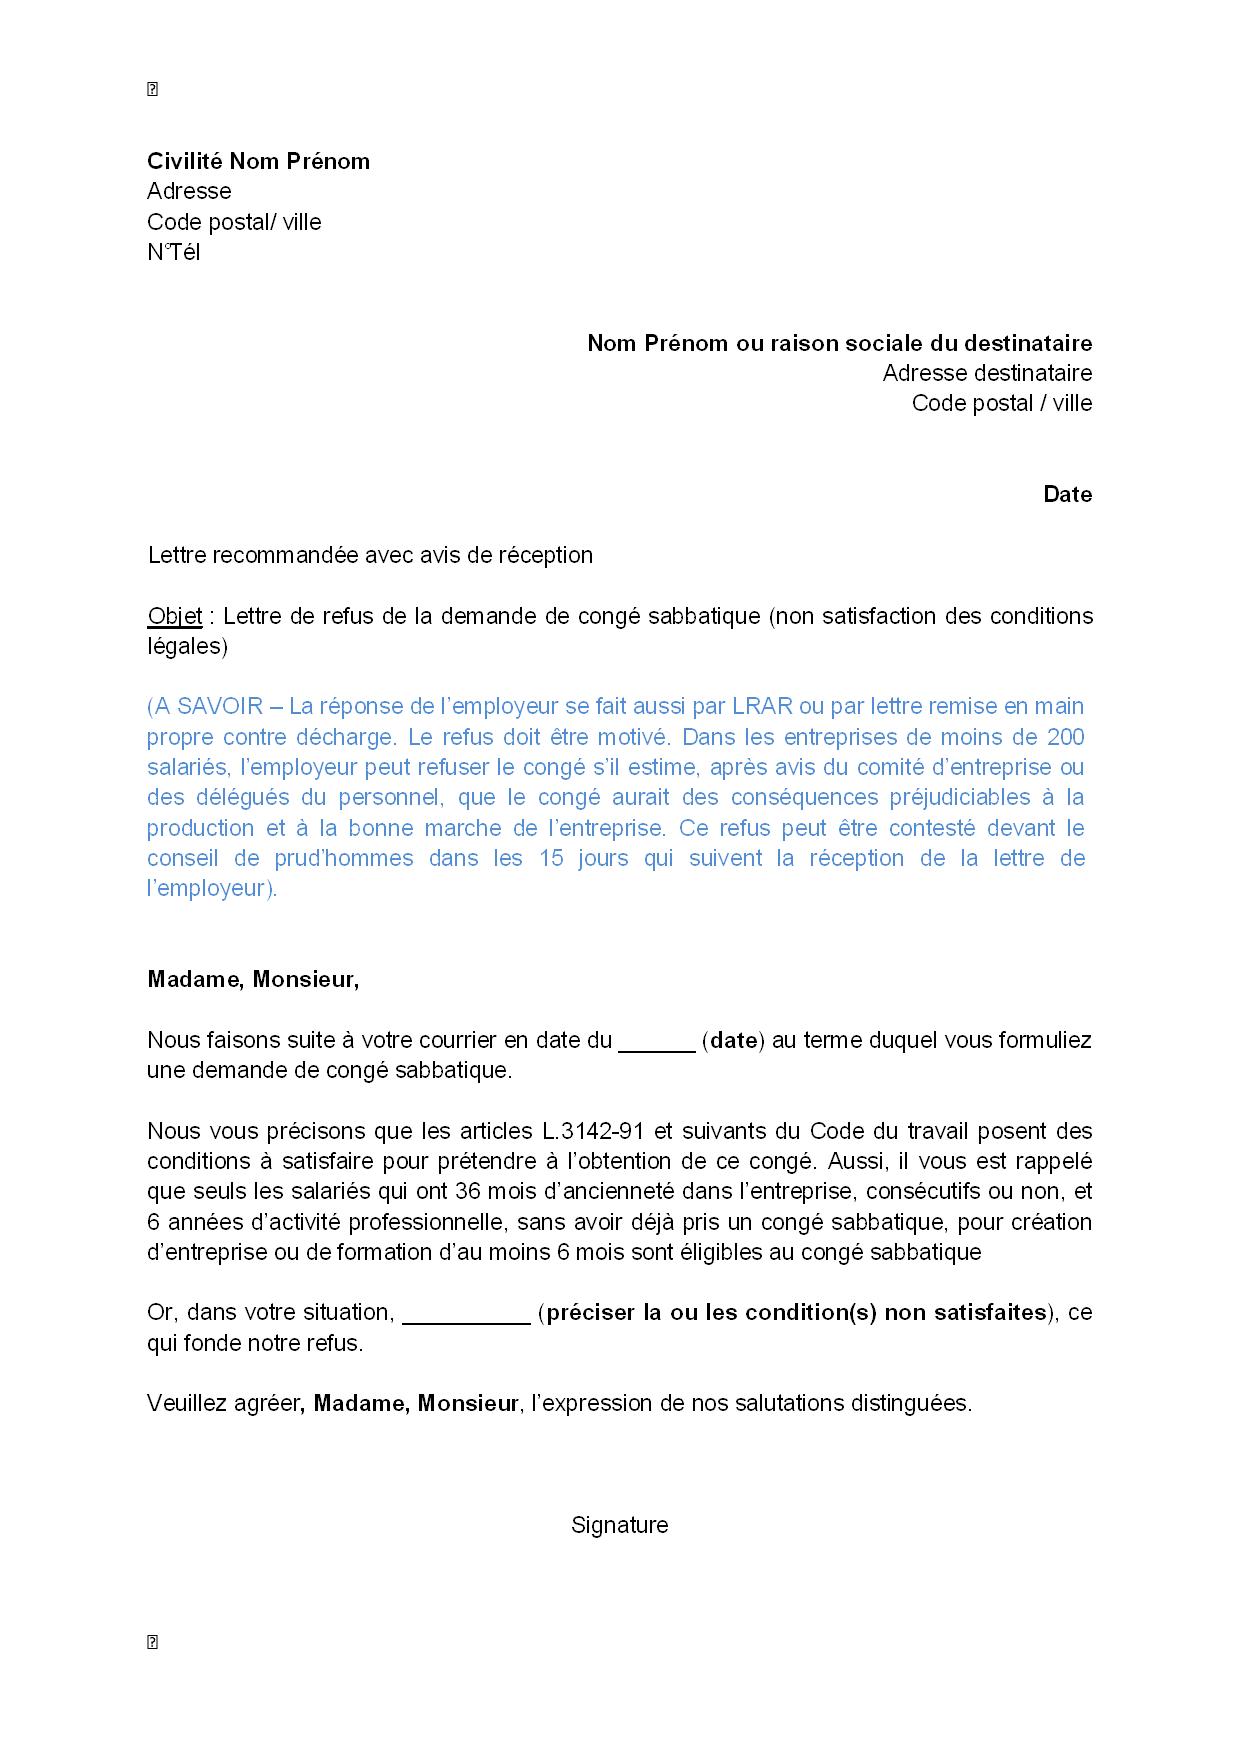 Exemple Gratuit De Lettre Refus Par Employeur Demande Conge Sabbatique Non Satisfaction Conditions Legales